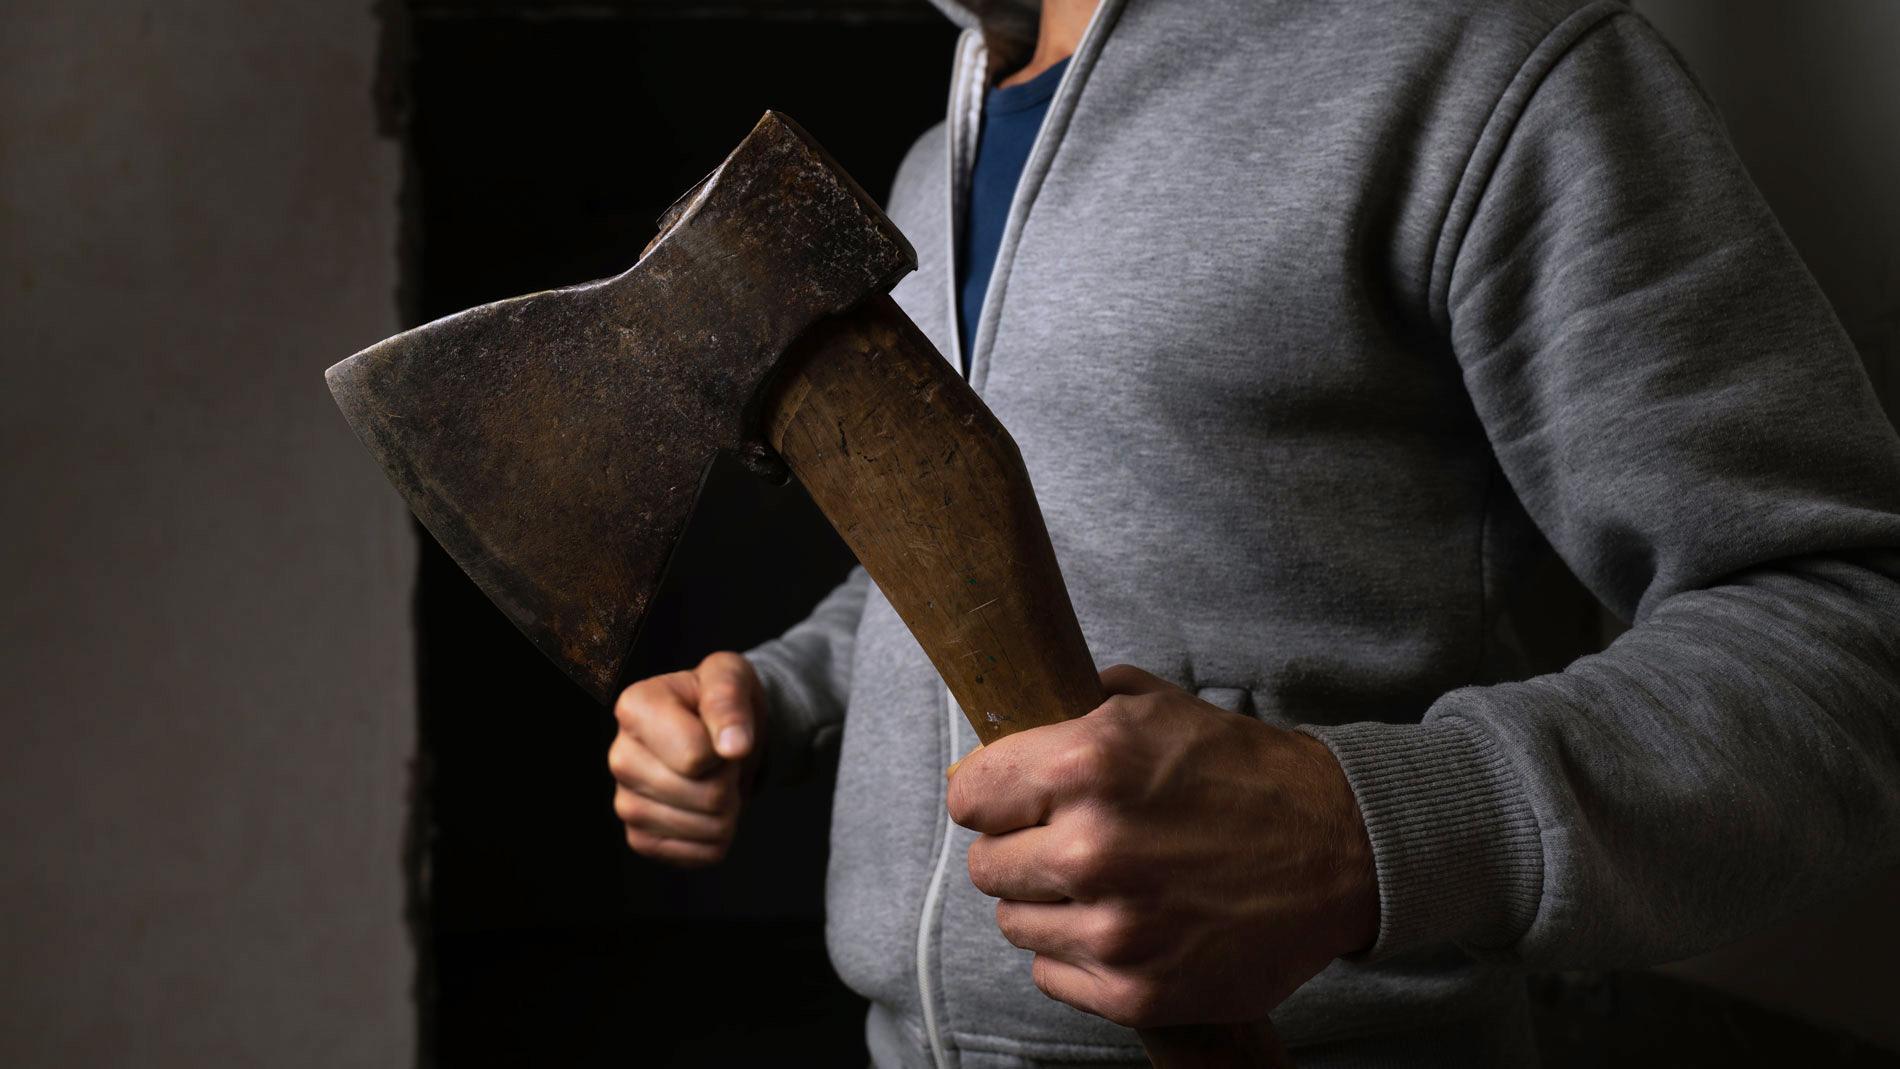 Стыдливый убийца. Почему петербуржец расправился с женой в годовщину свадьбы